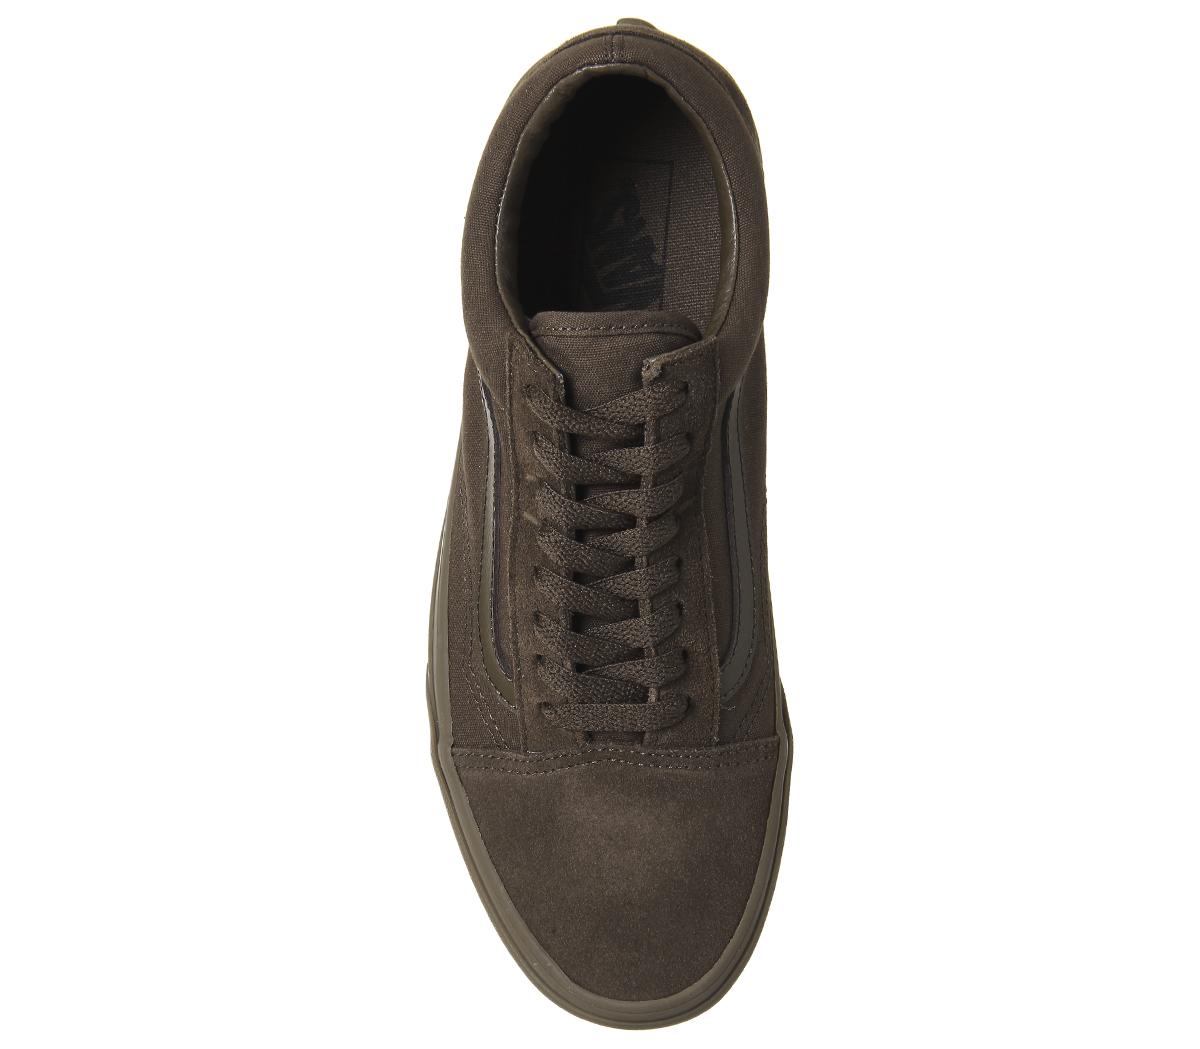 76c3f8009fb Zapatillas para hombre Vans Old Skool Dark Earth Gum Zapatillas ...